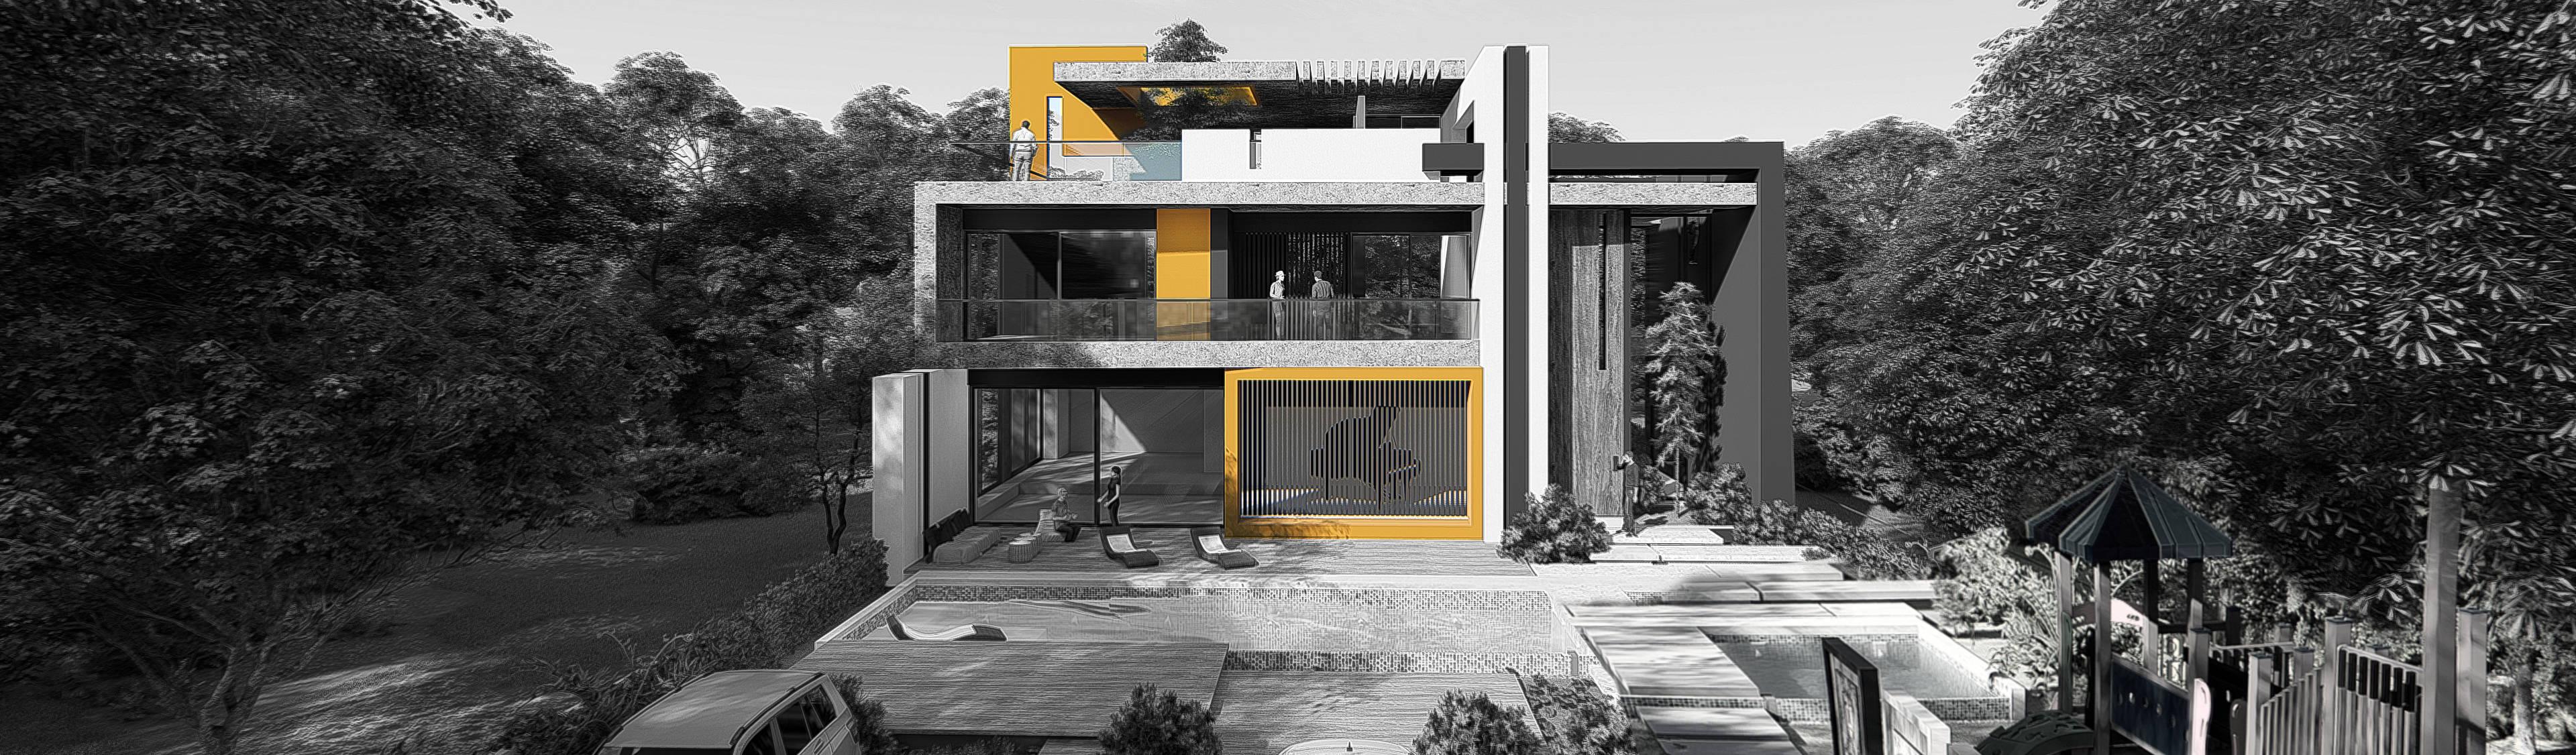 ProcesoLAB Arquitectos